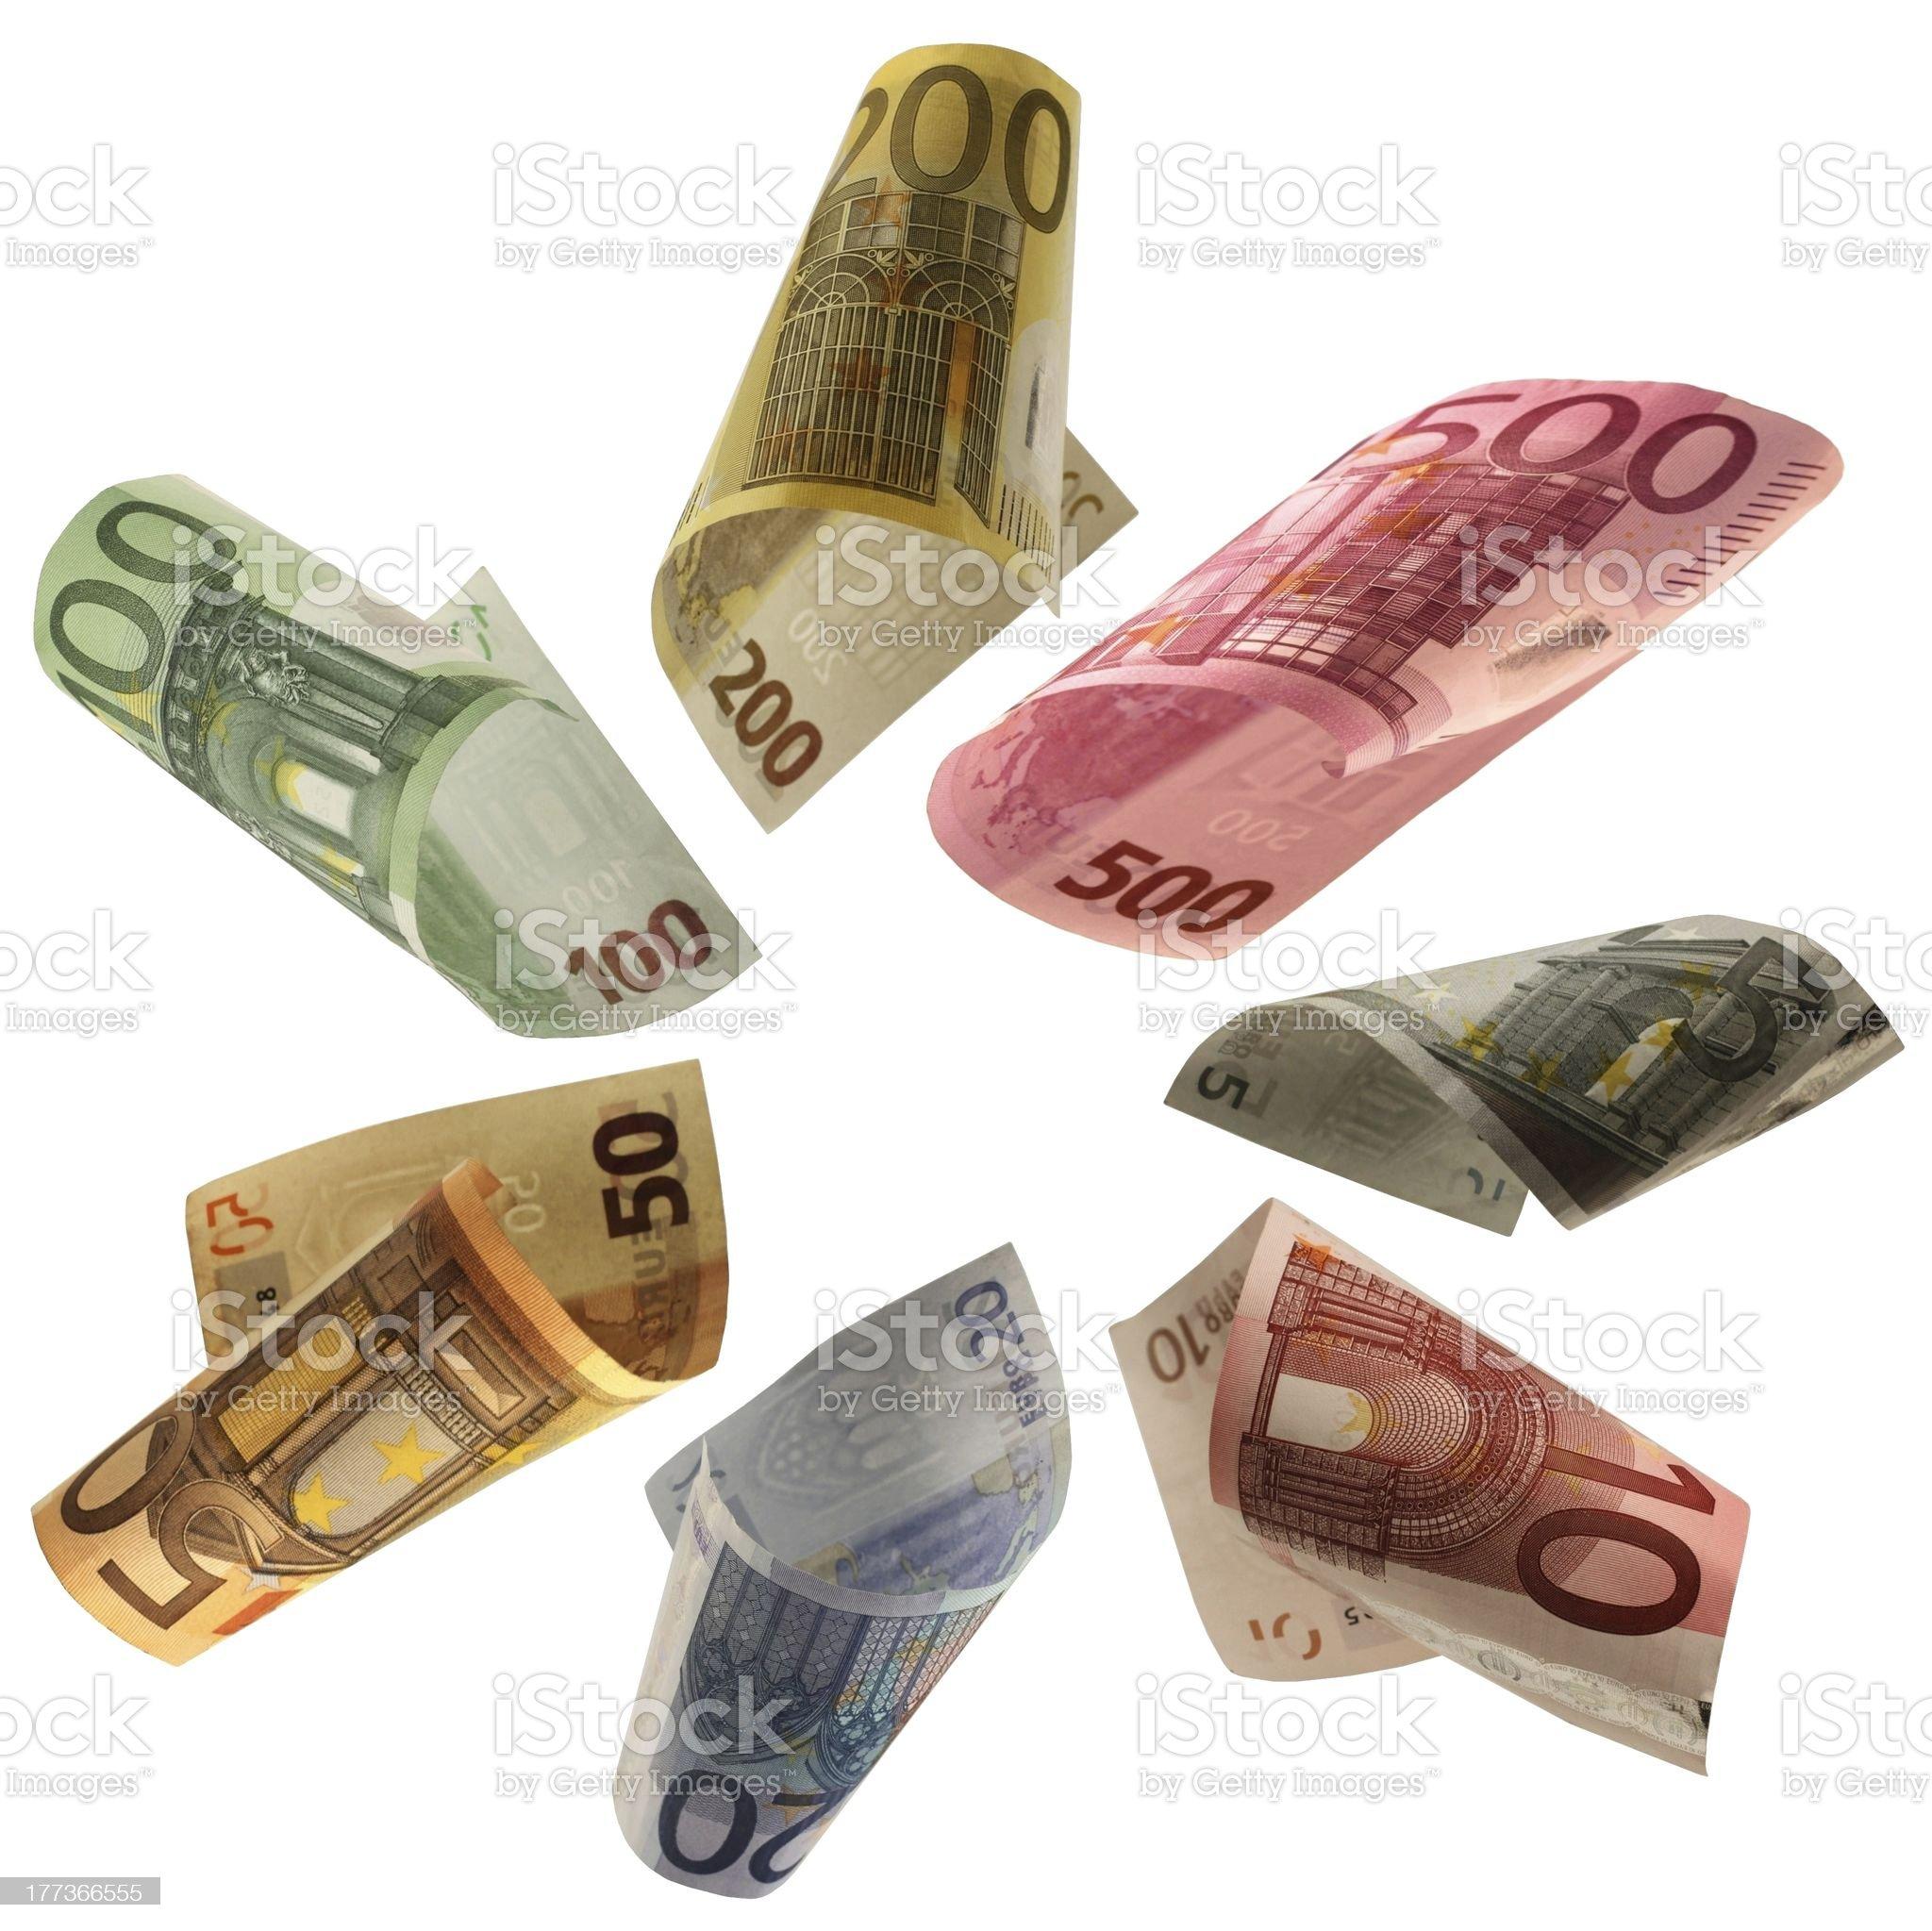 Euro - European Money royalty-free stock photo